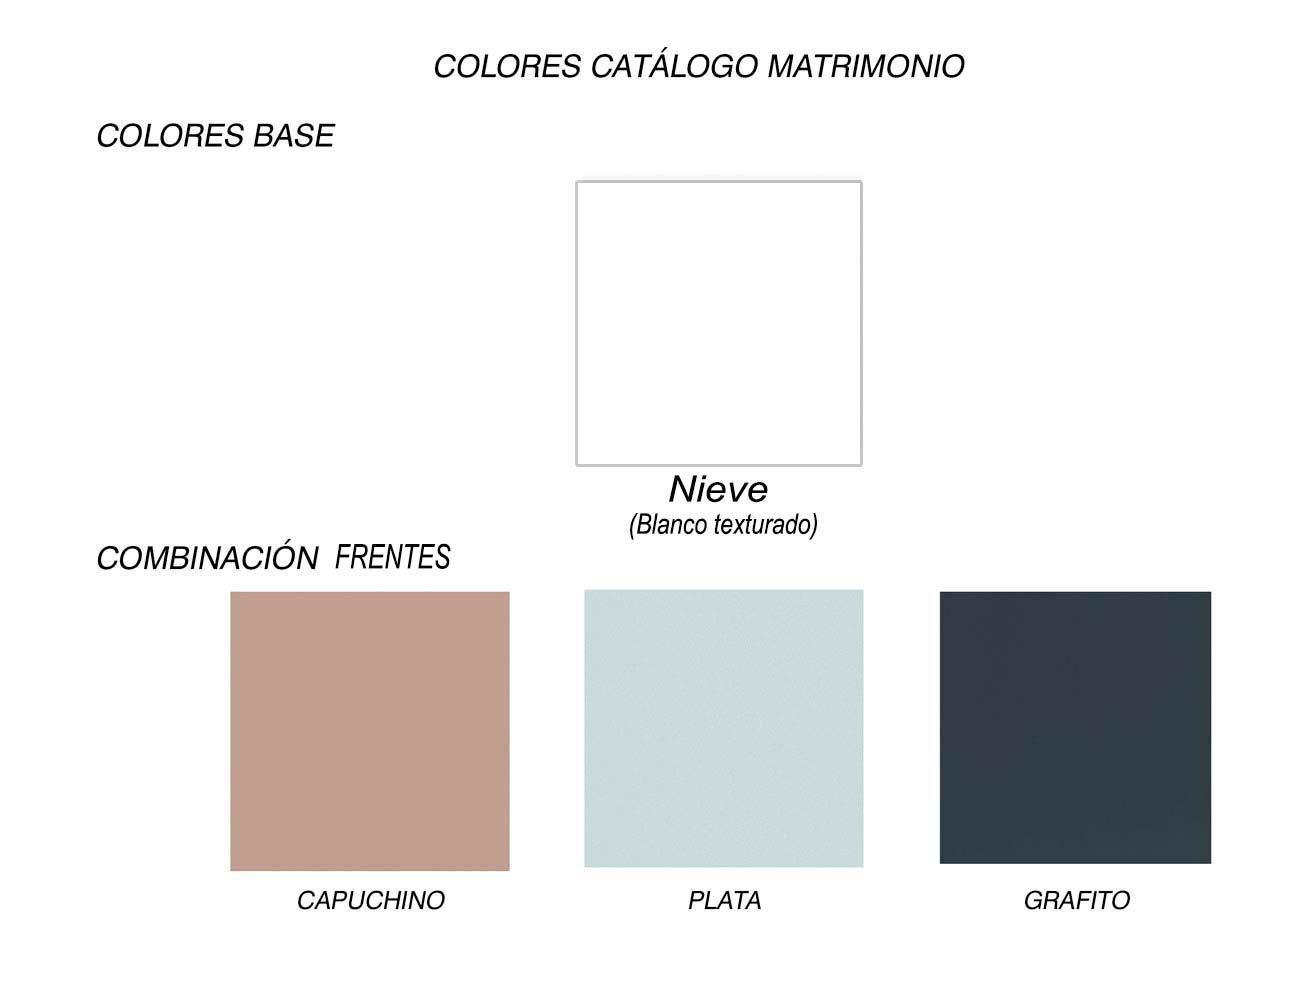 Clasic colores1